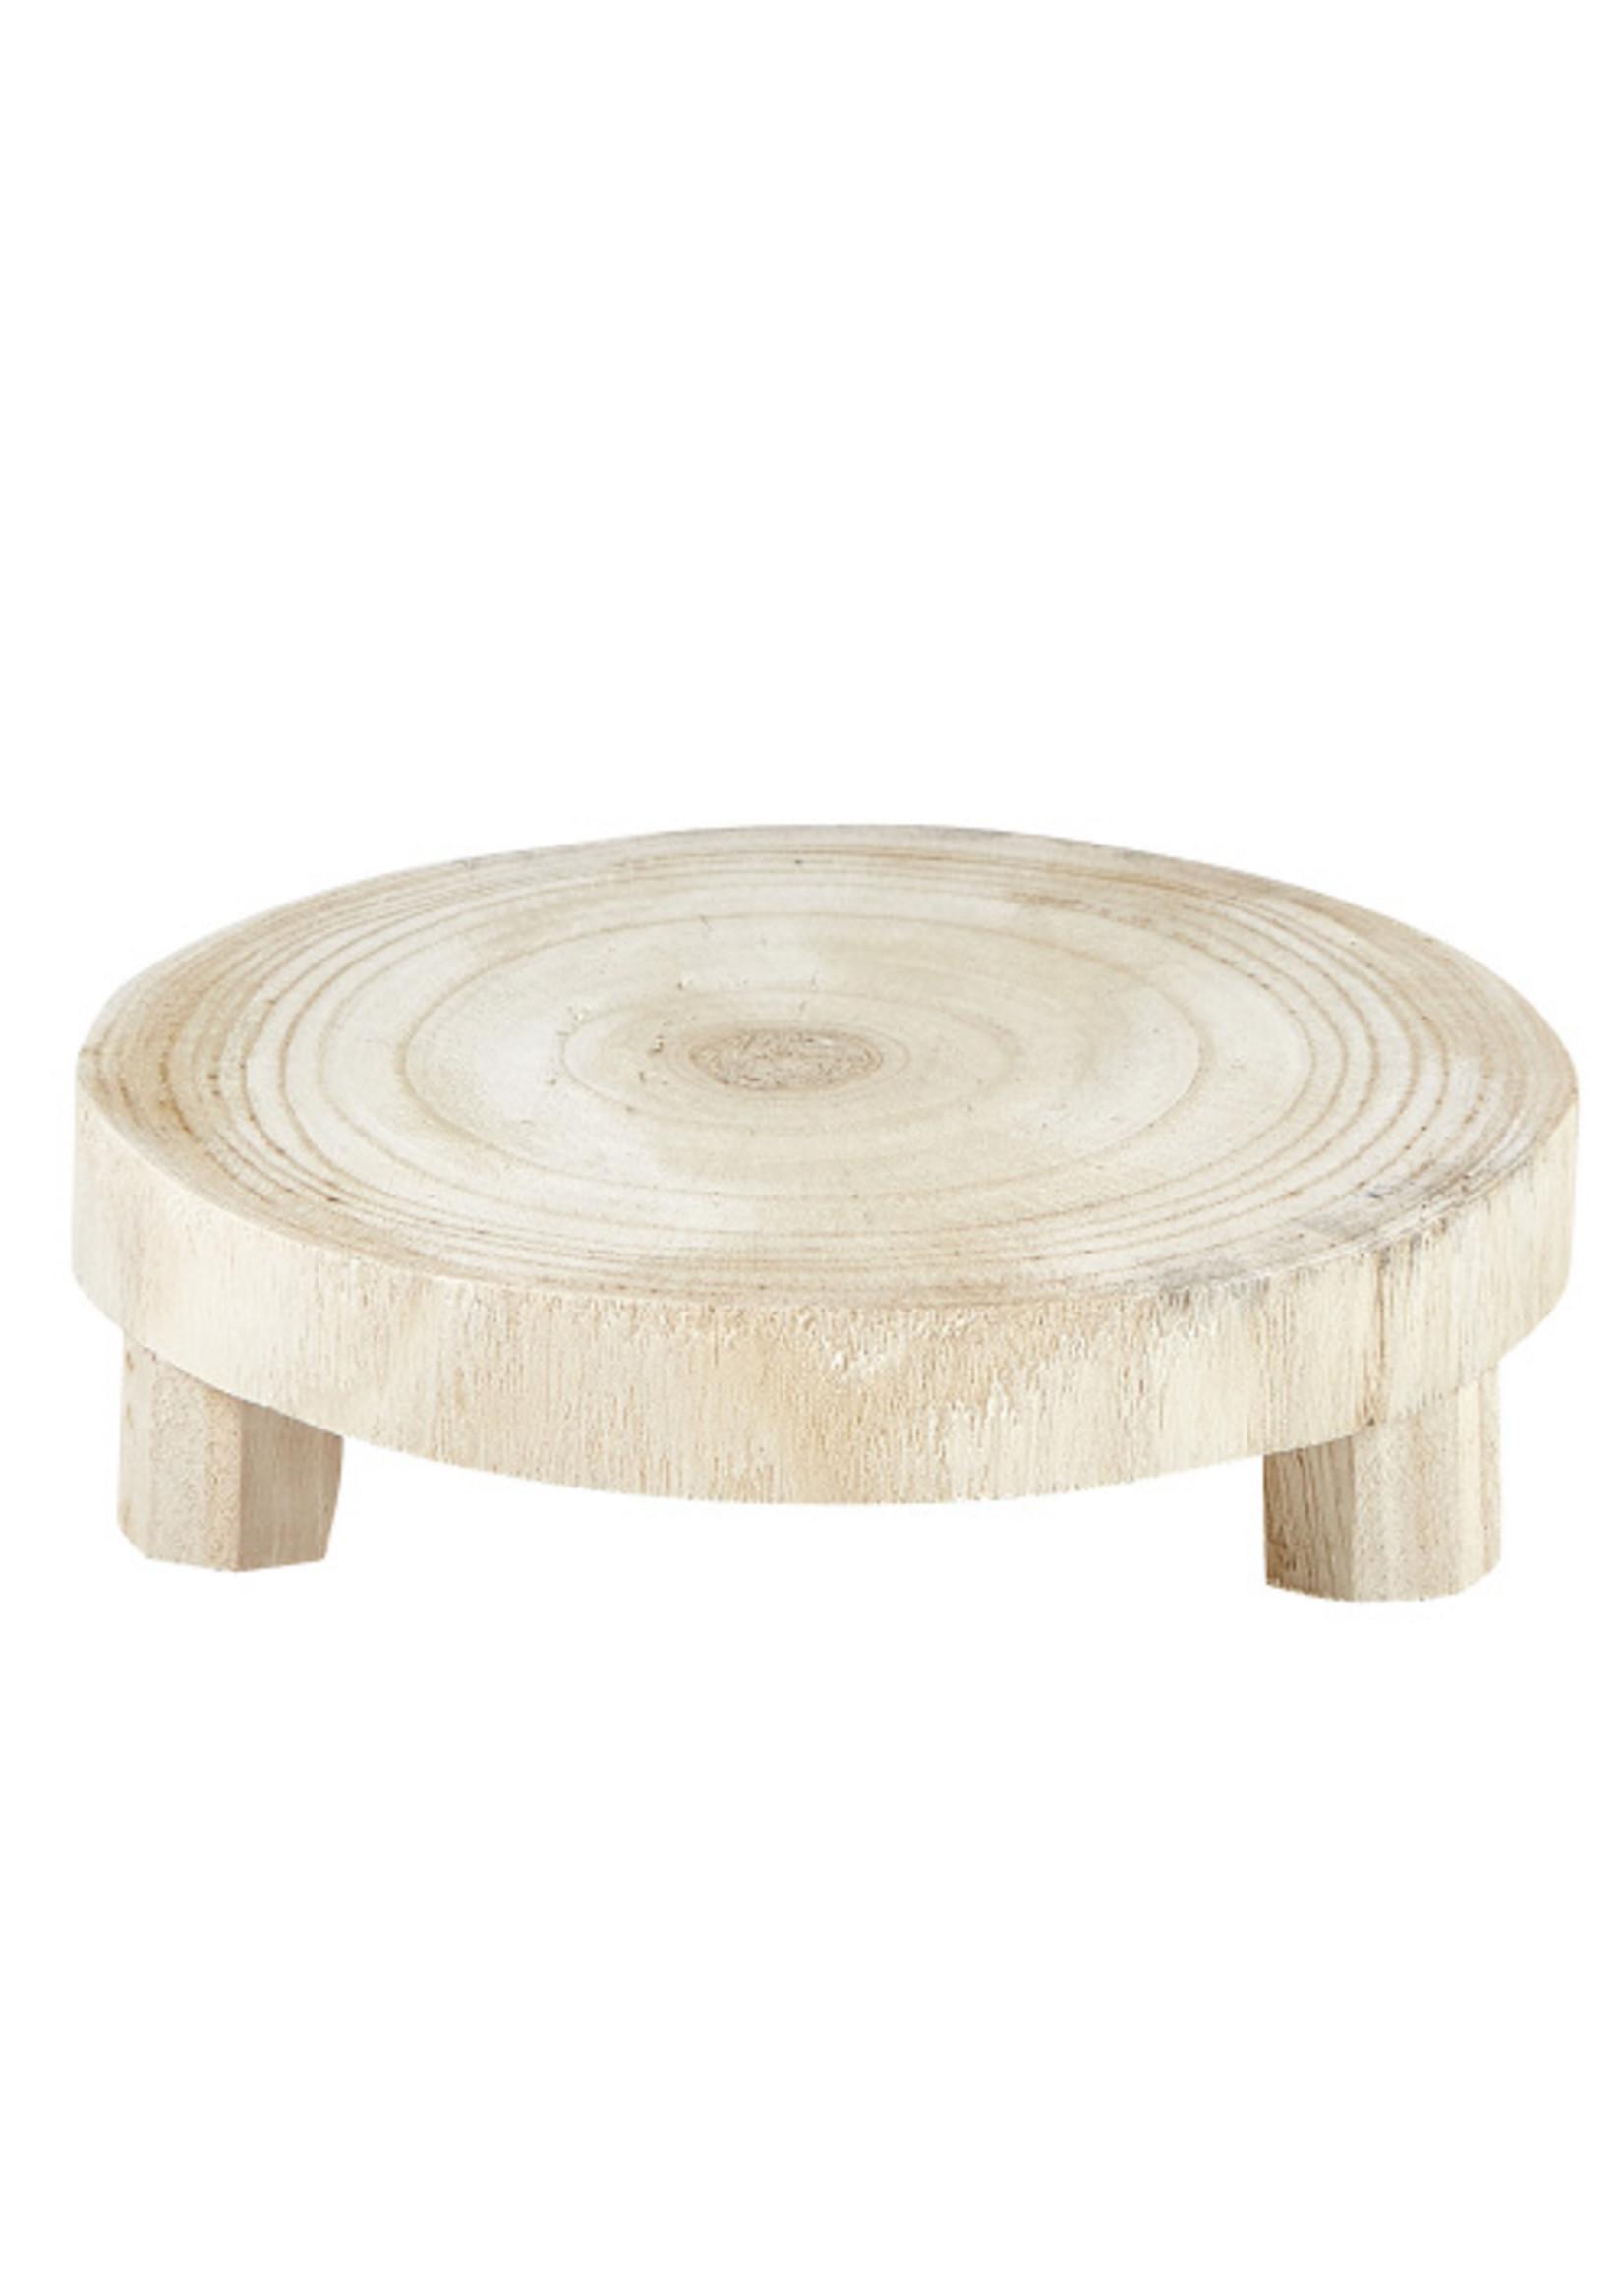 Natural Wood Riser - Small